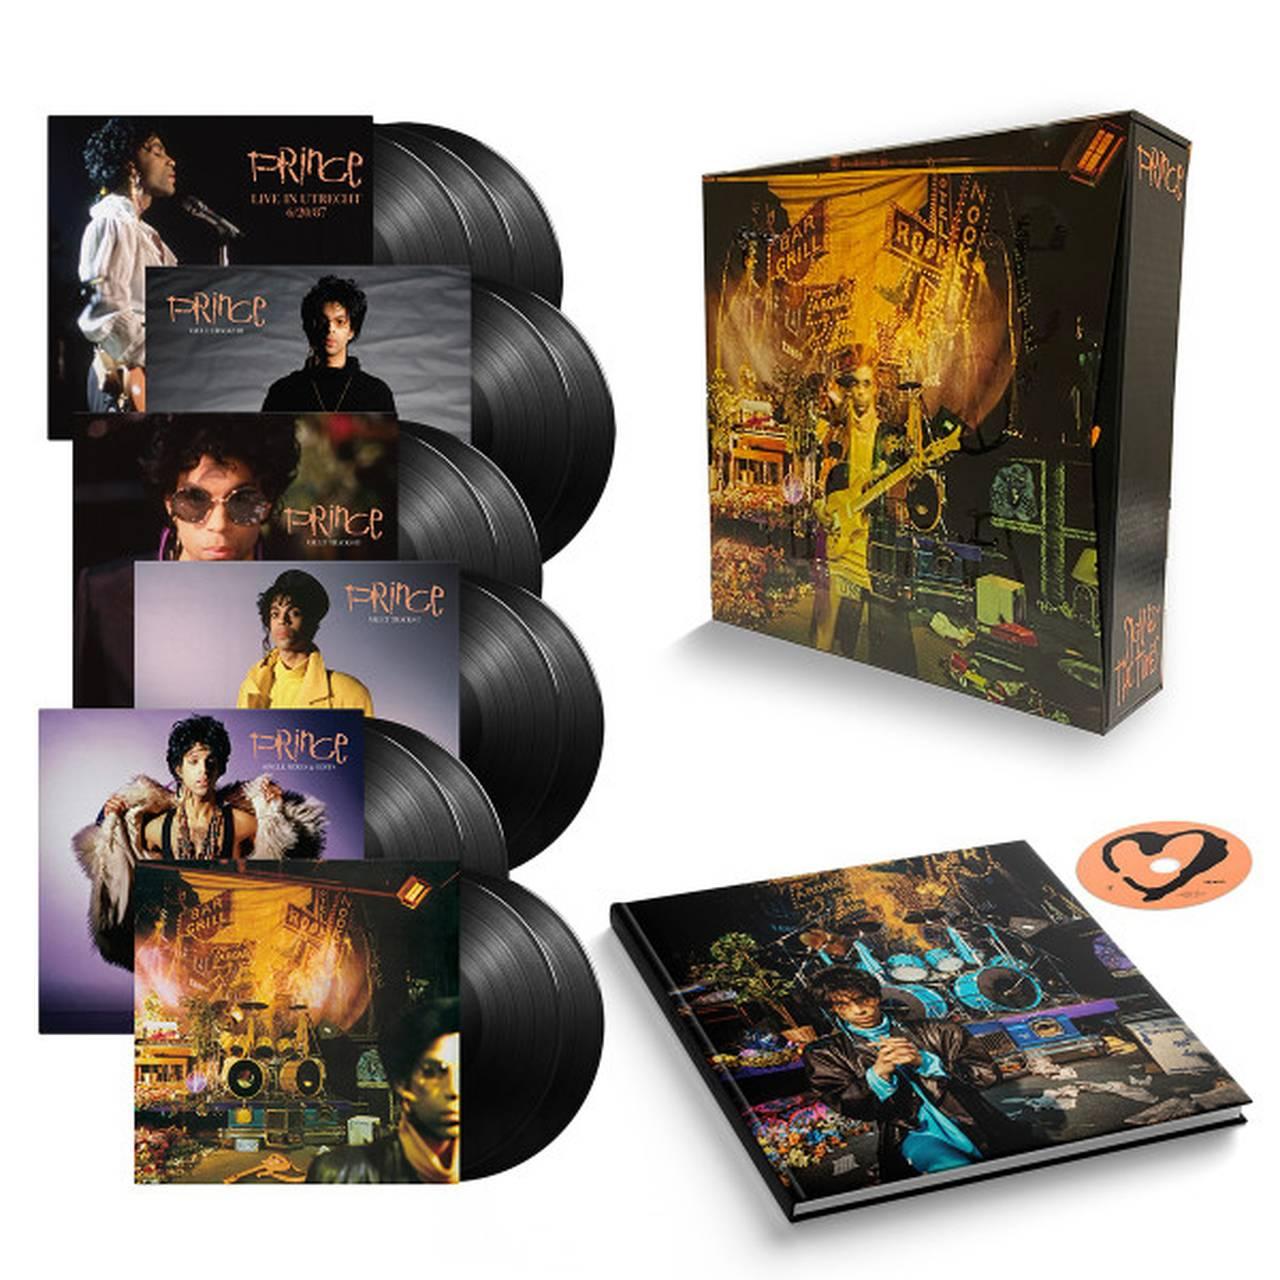 Rabování archivů. Vyjde 45 neslyšených písní od Prince